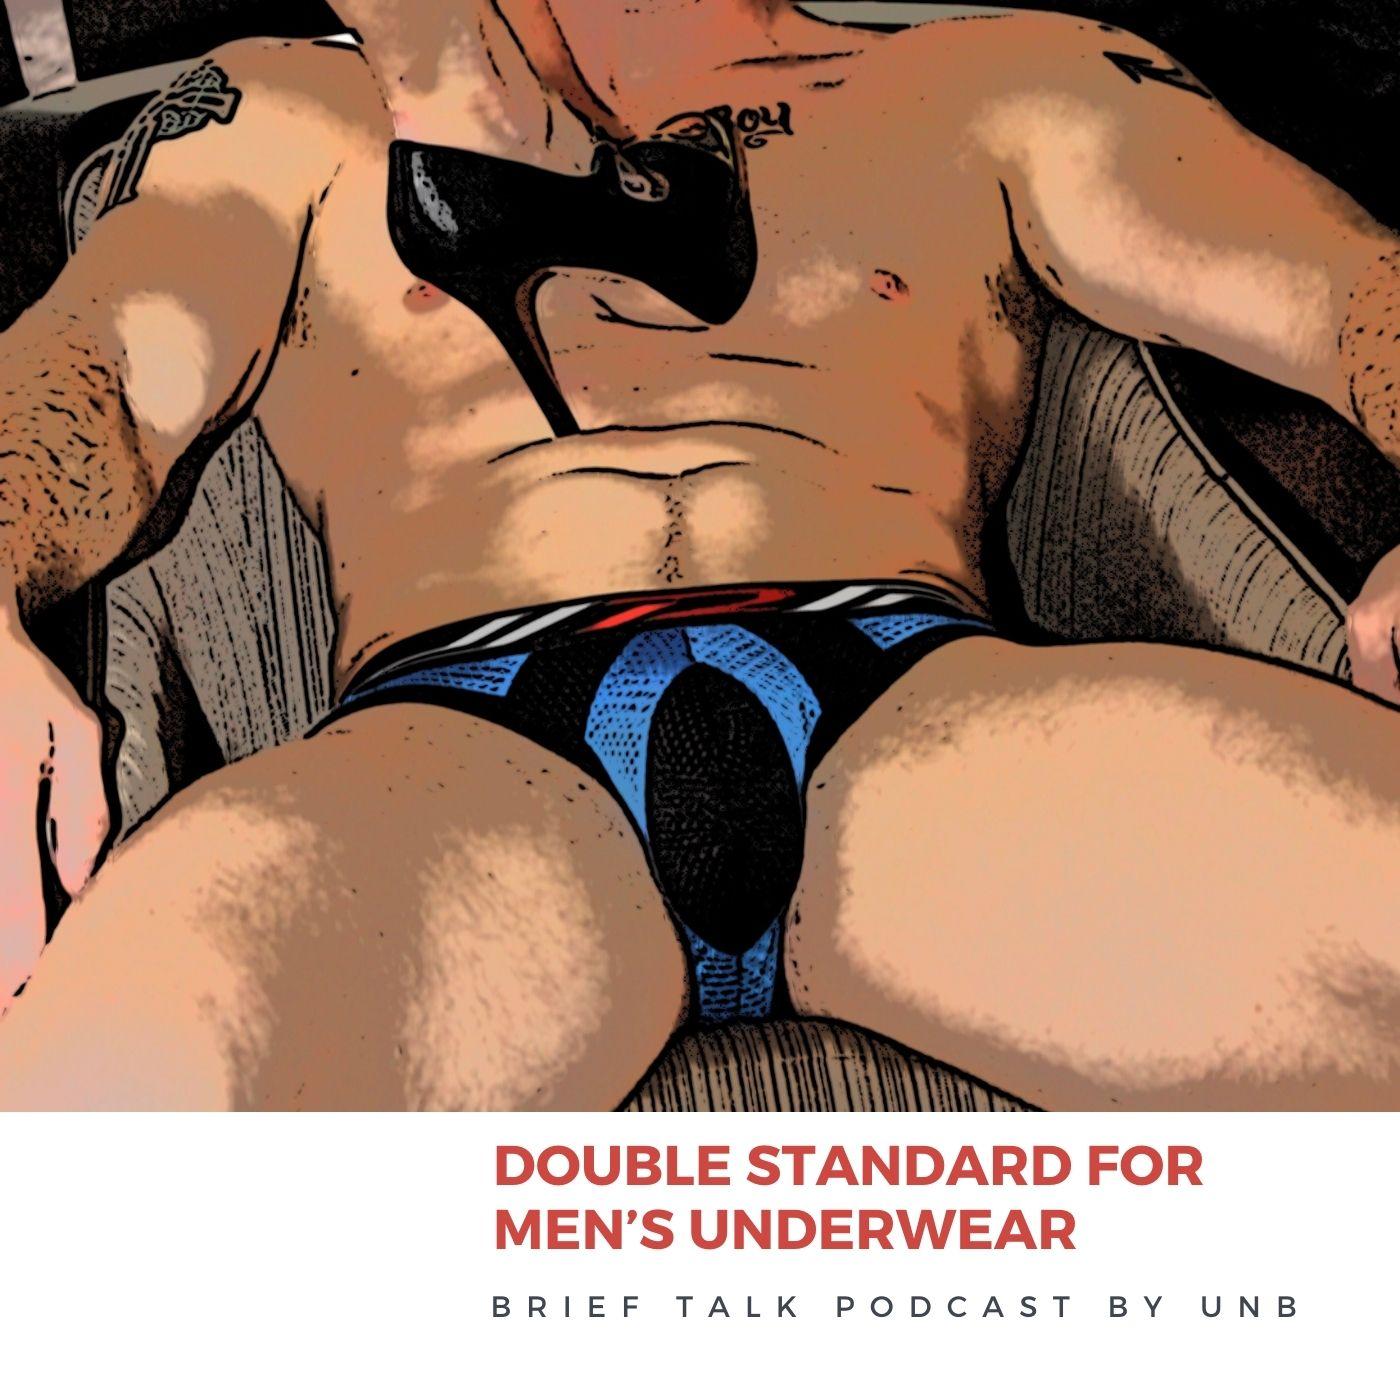 BRIEF TALK Podcast: Men's Underwear Double Standard